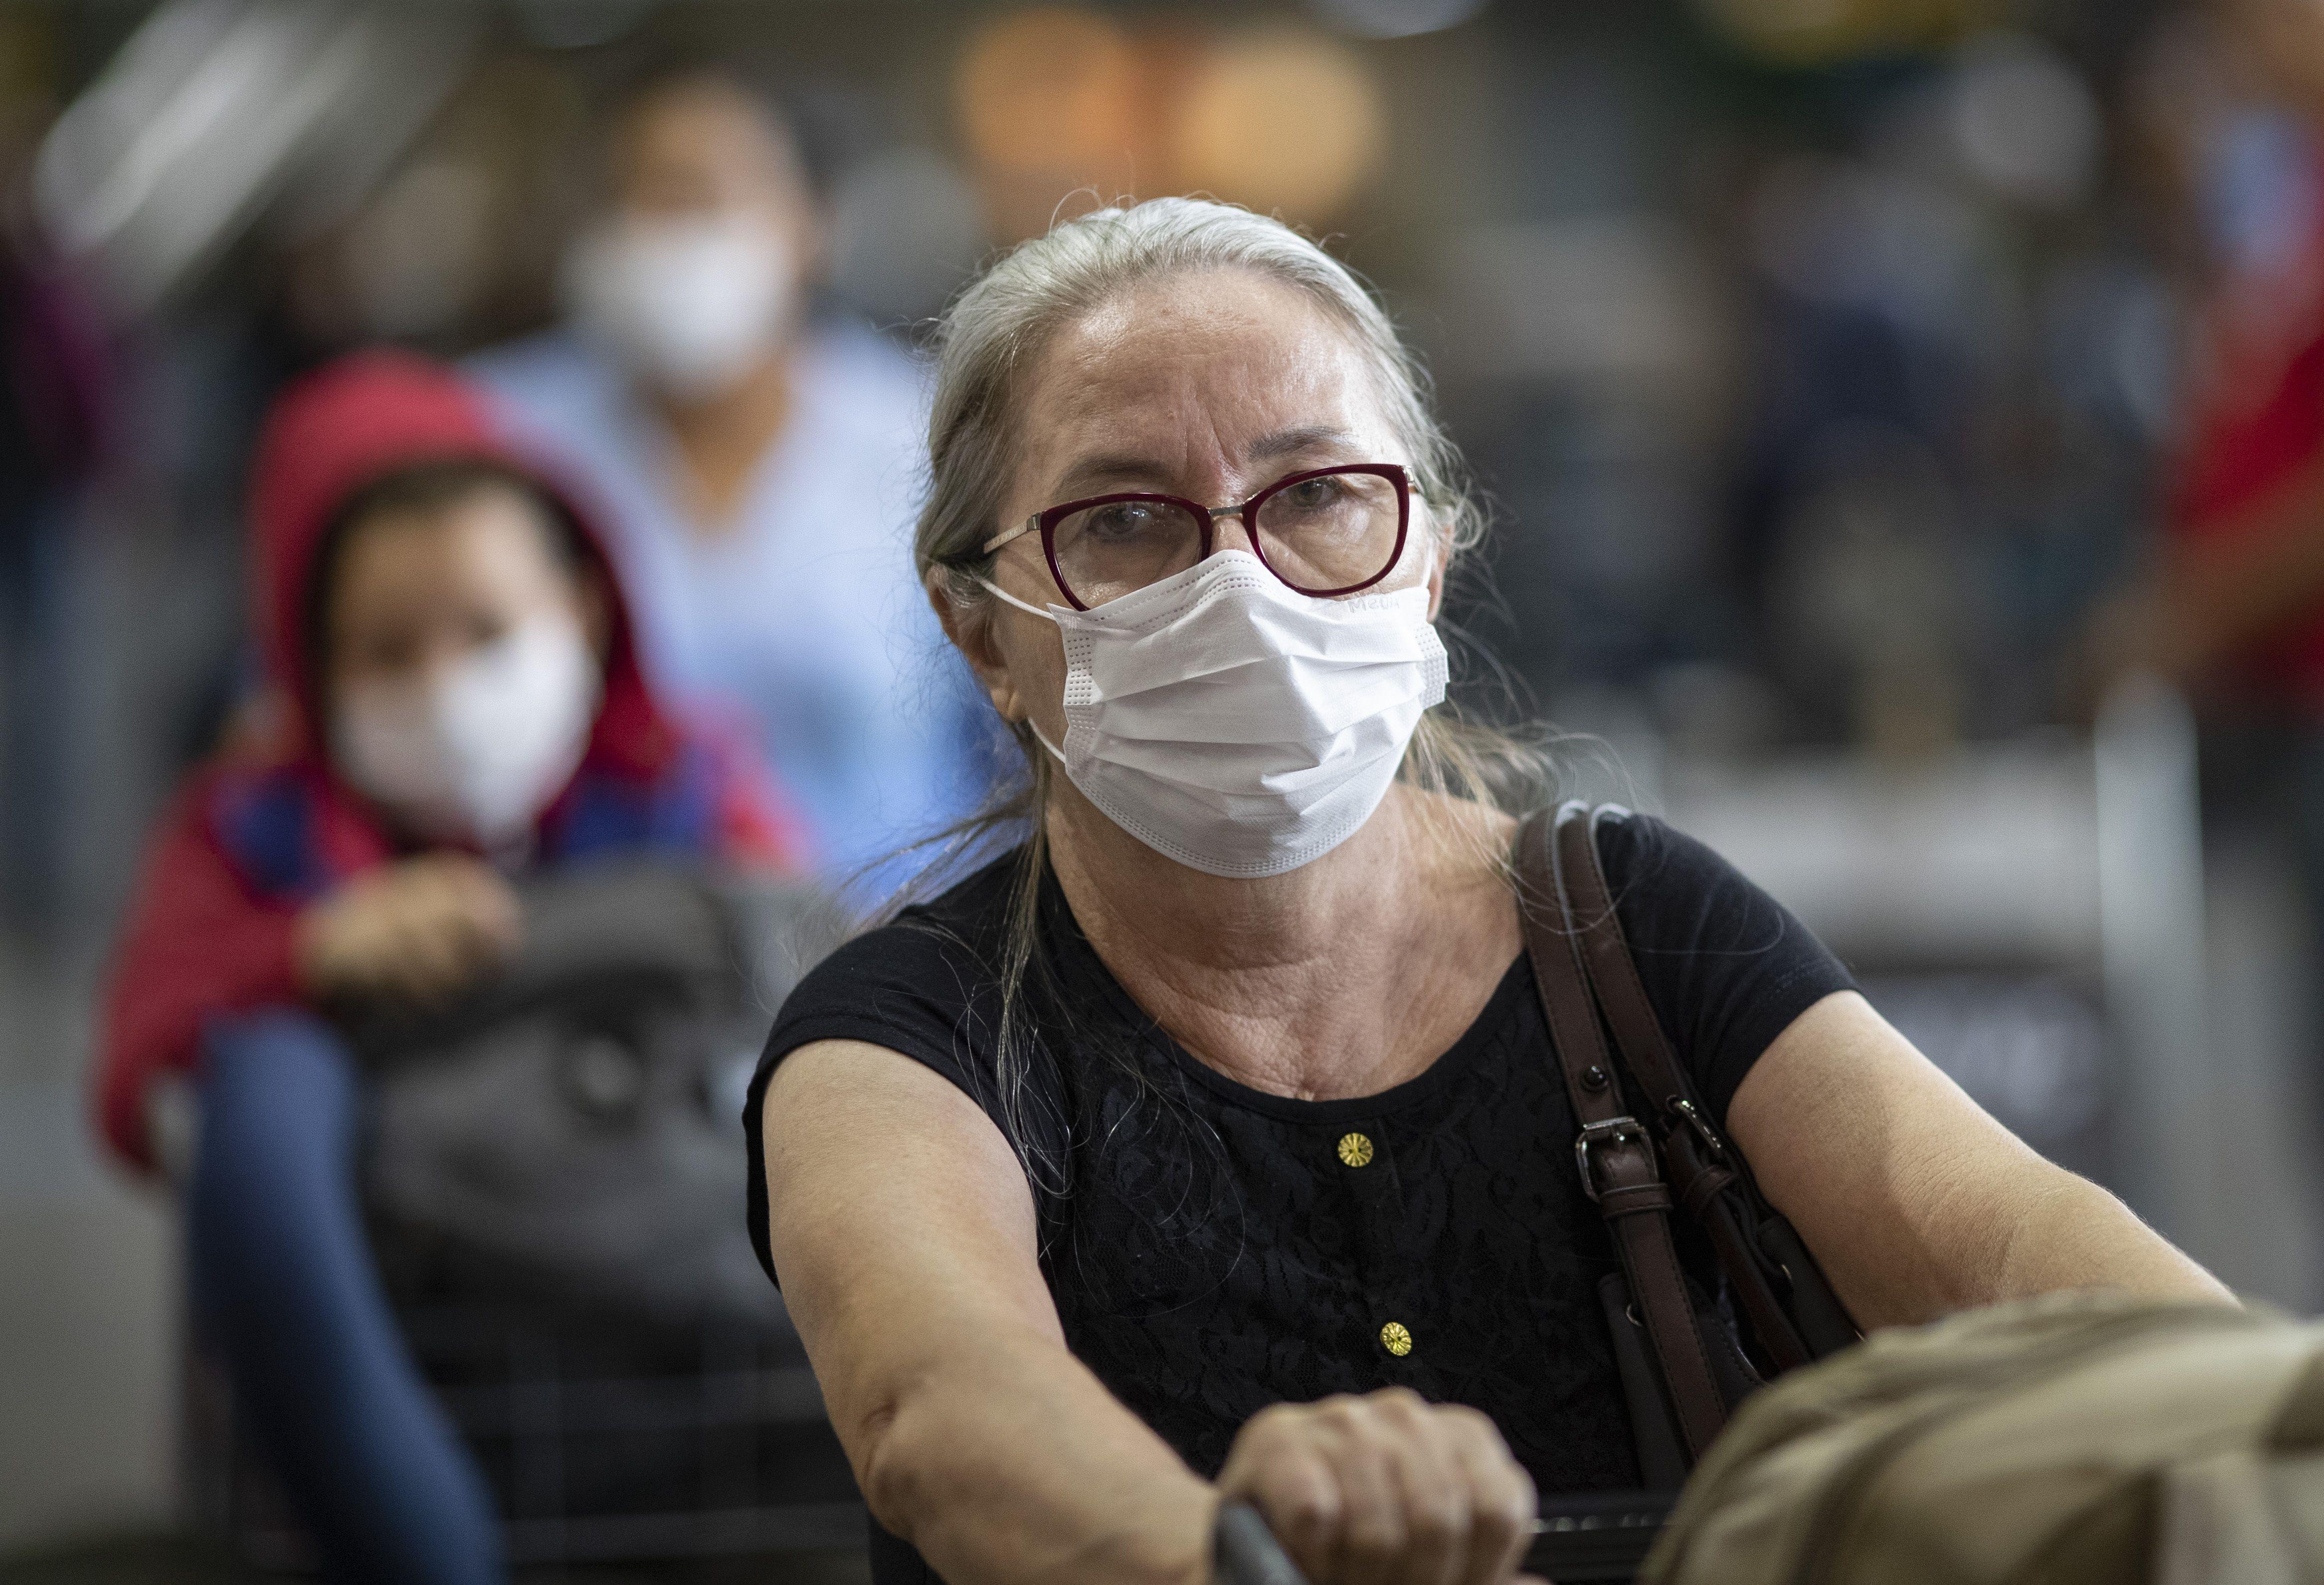 Brazil's COVID-19 death toll tops 150,000